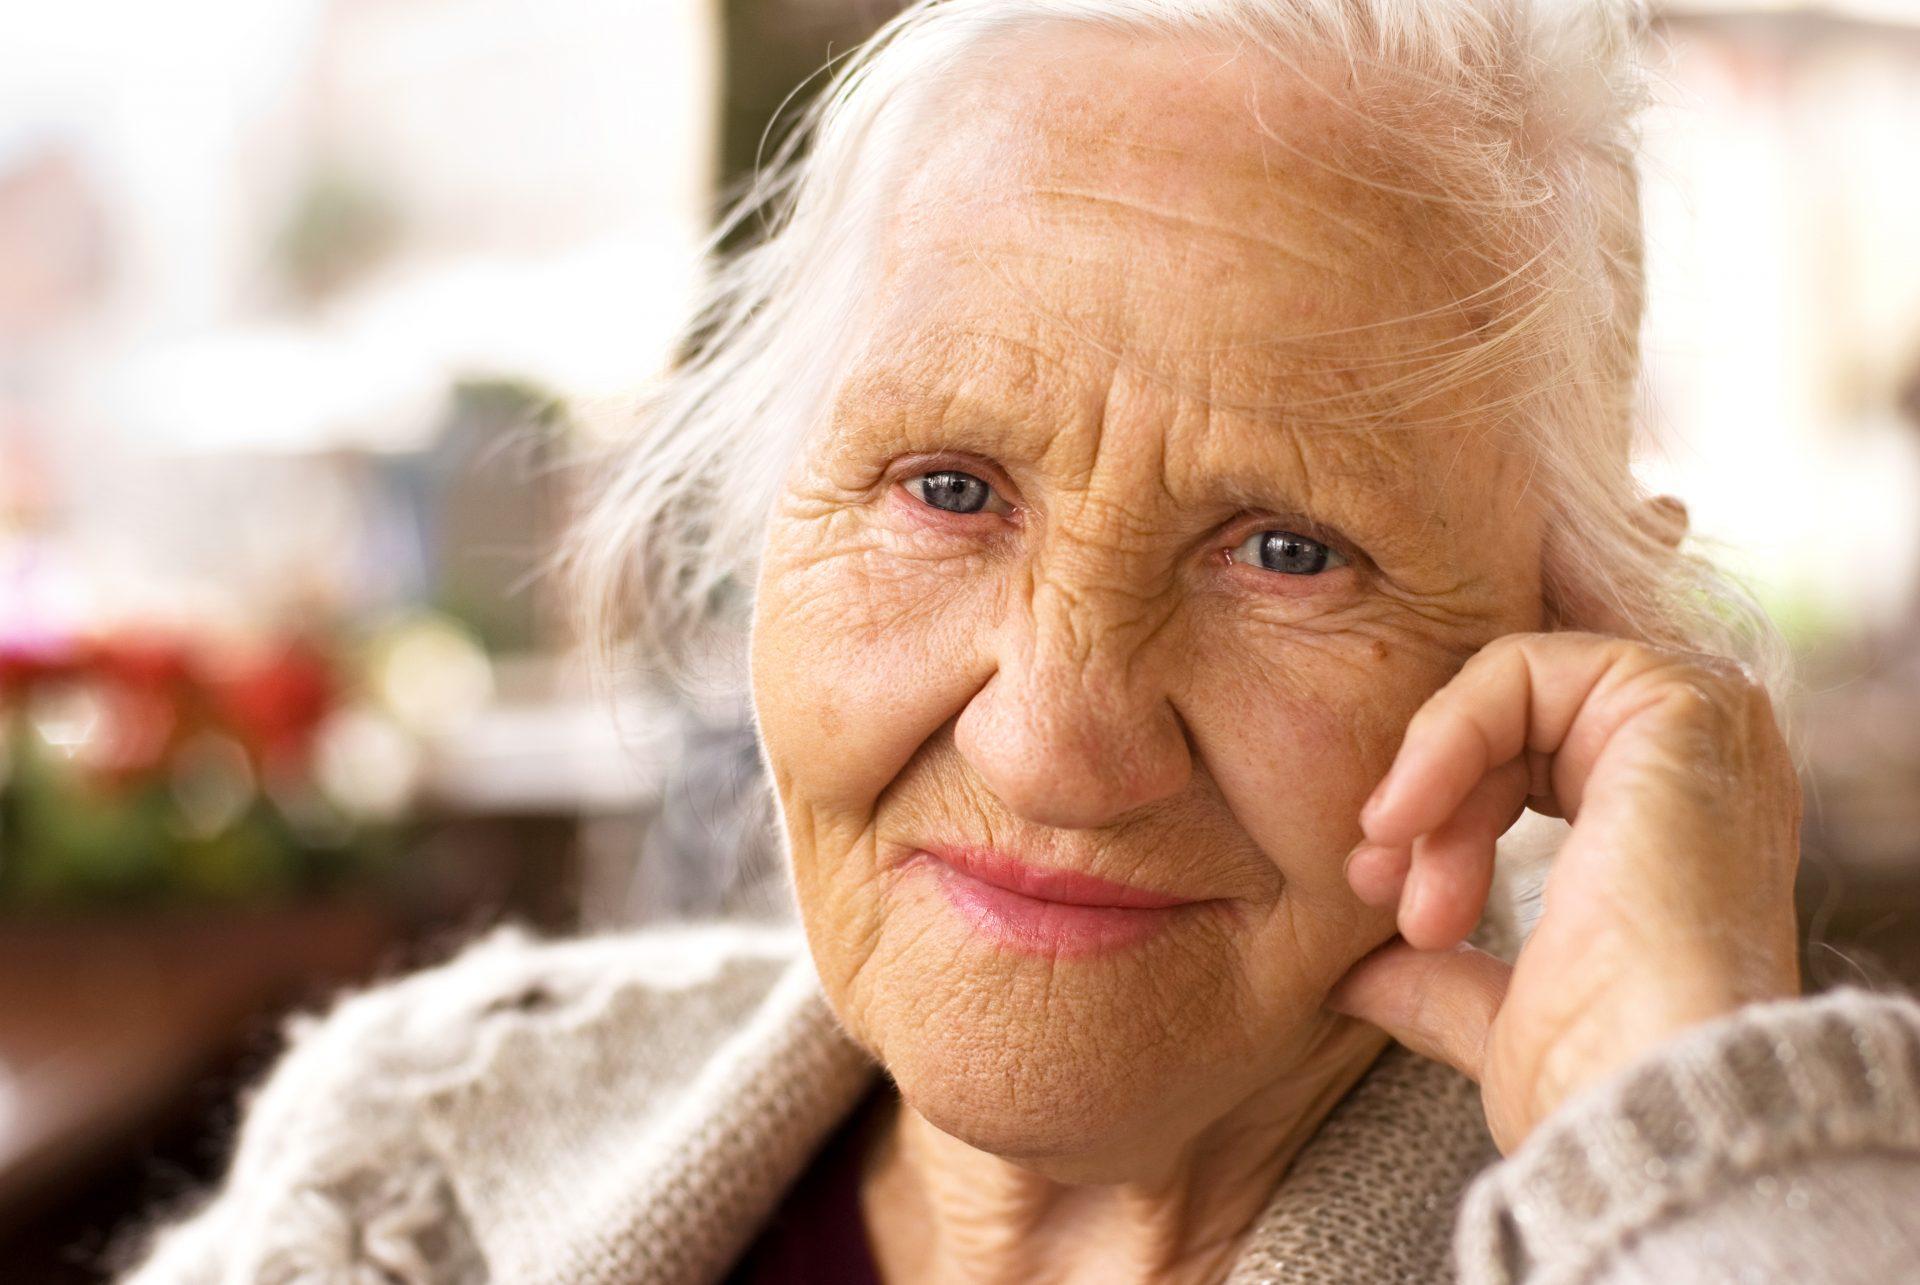 personne agee aide a domicile autoomie douce heure maladie parkinson